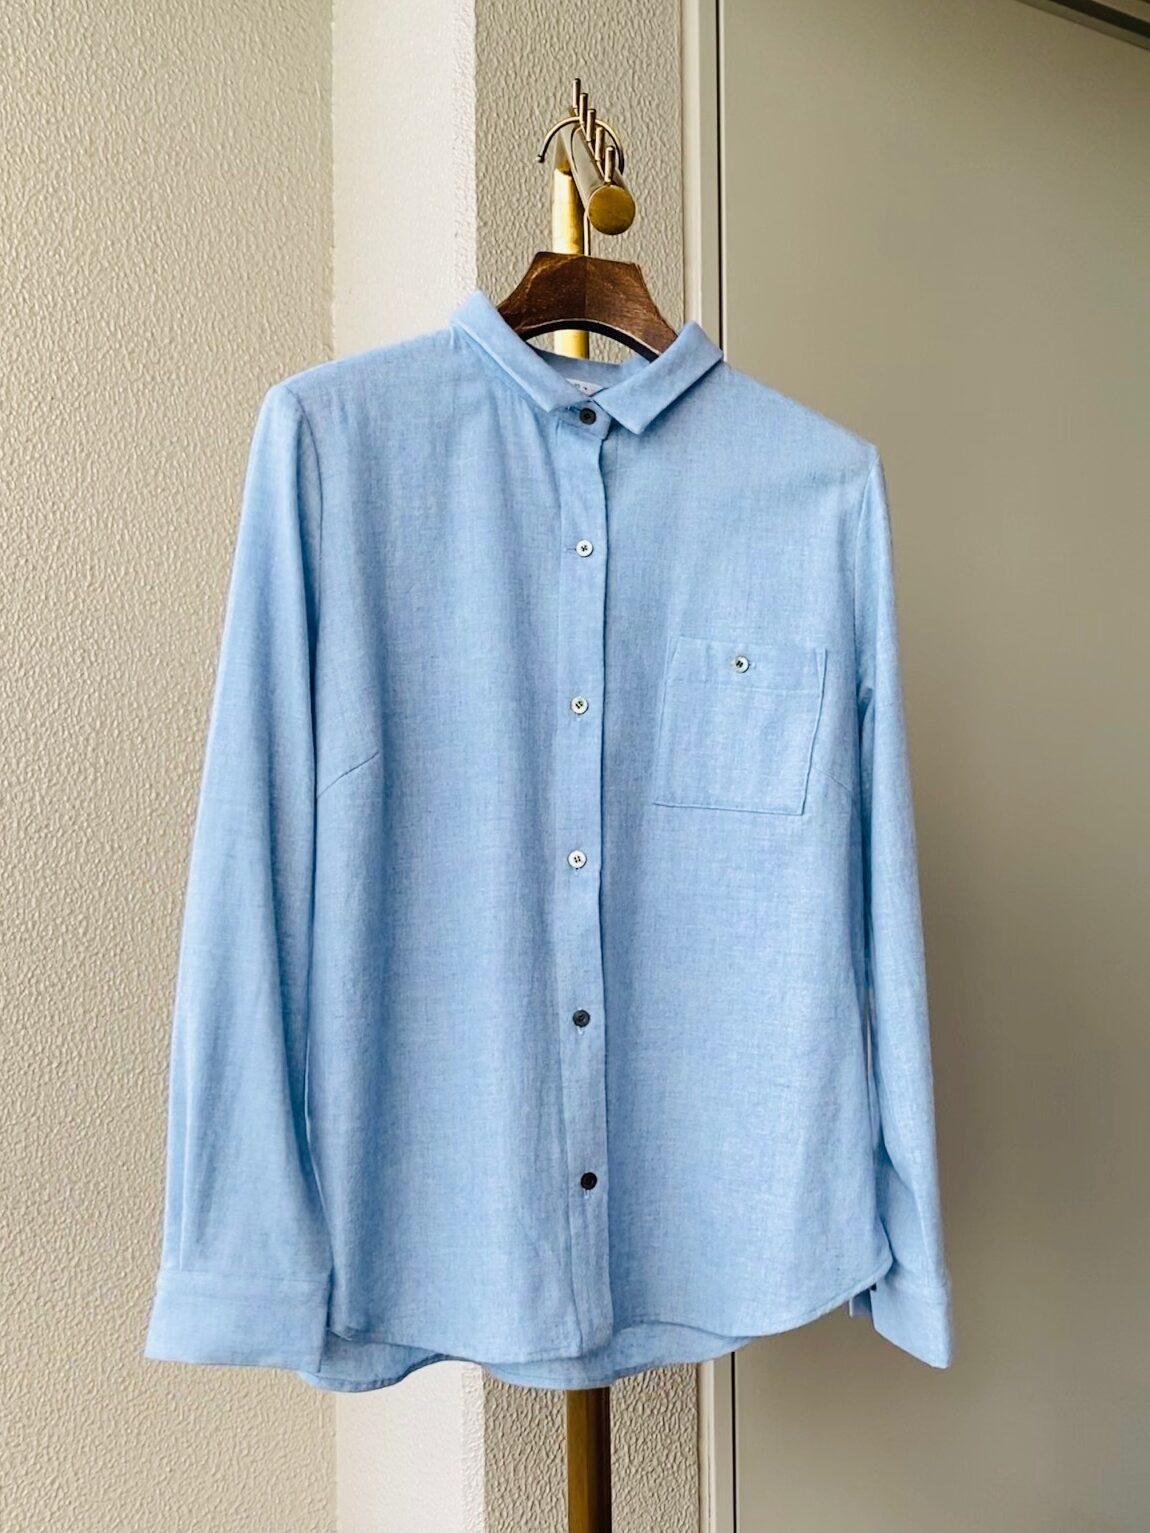 写真:お洗濯後のシャツ(杢サックス)